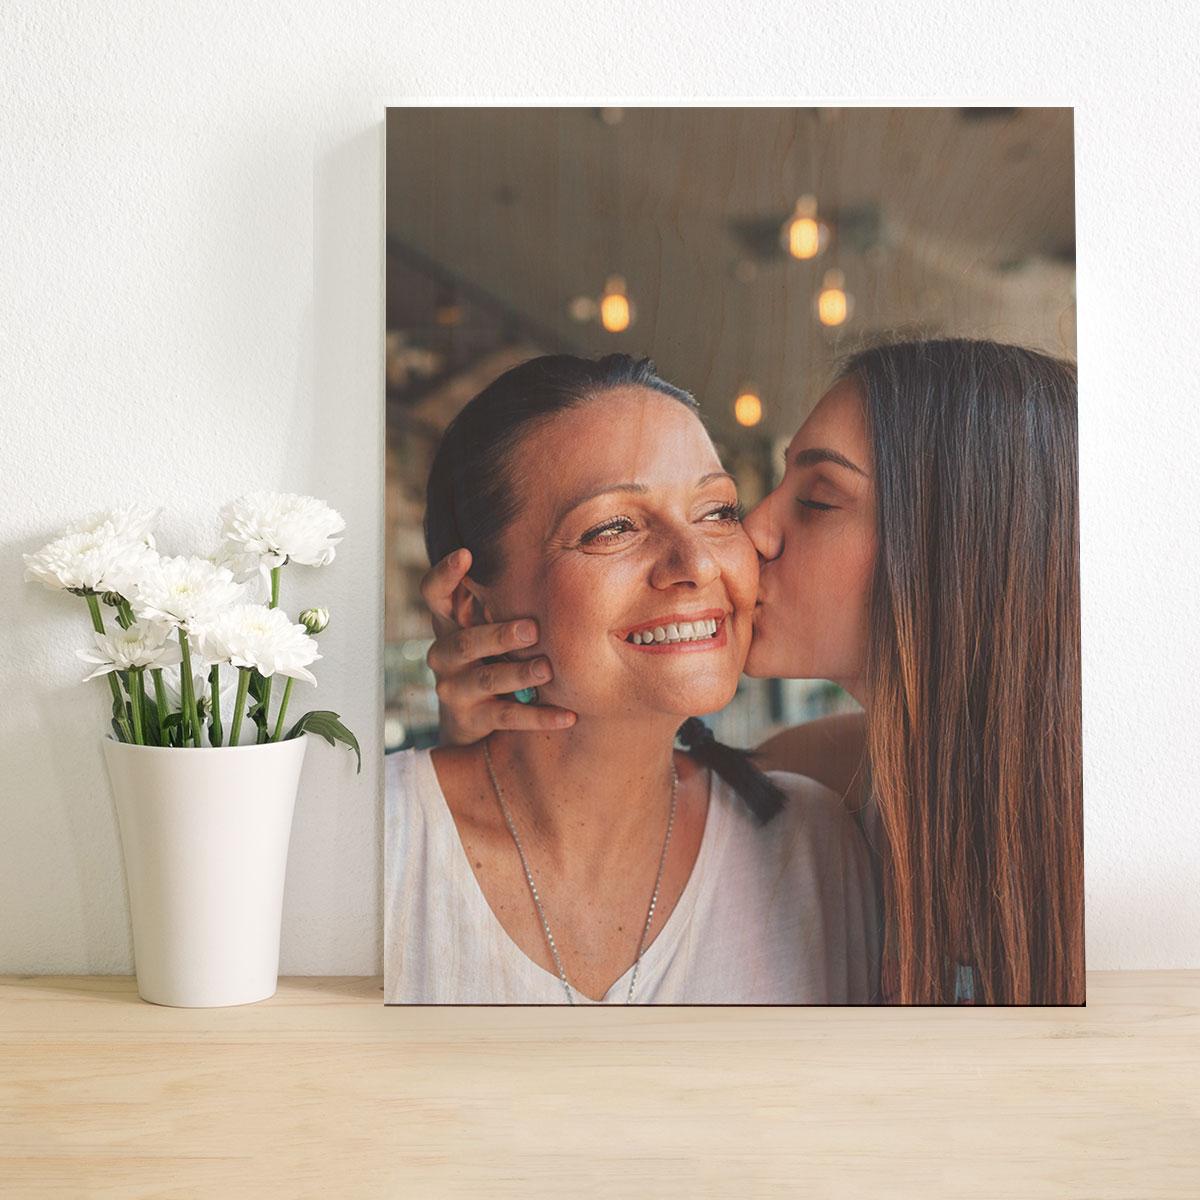 cadeau maman Photo Personnalisable sur Bois